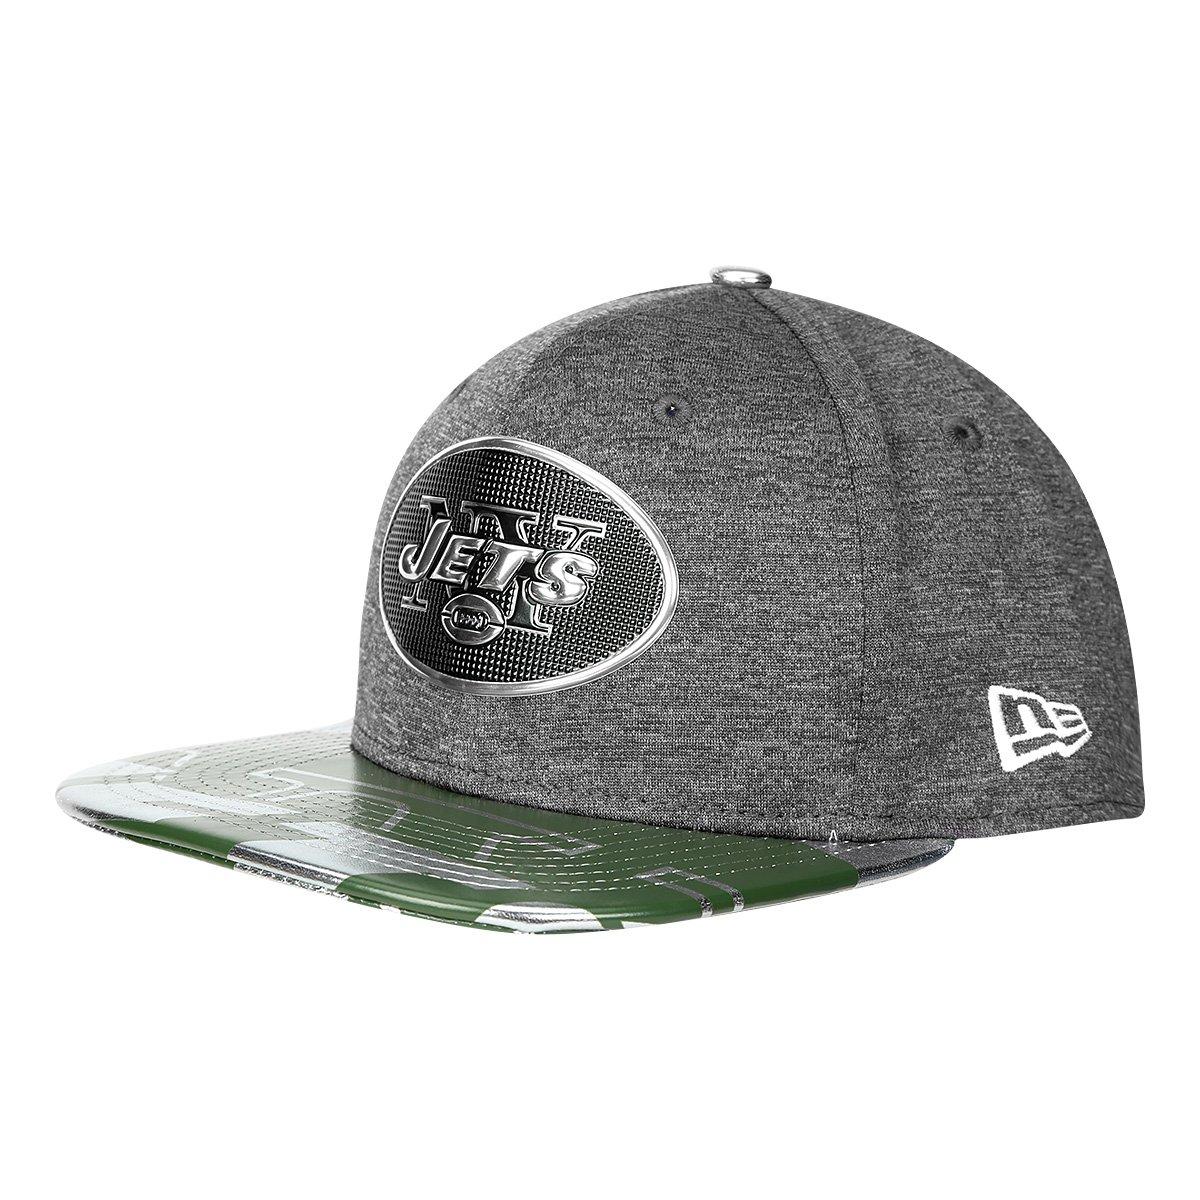 0d90bb914f396 Boné New Era NFL New York Jets Aba Reta 950 Original Fit Sn Spotlight  Masculino - Cinza e Verde - Compre Agora